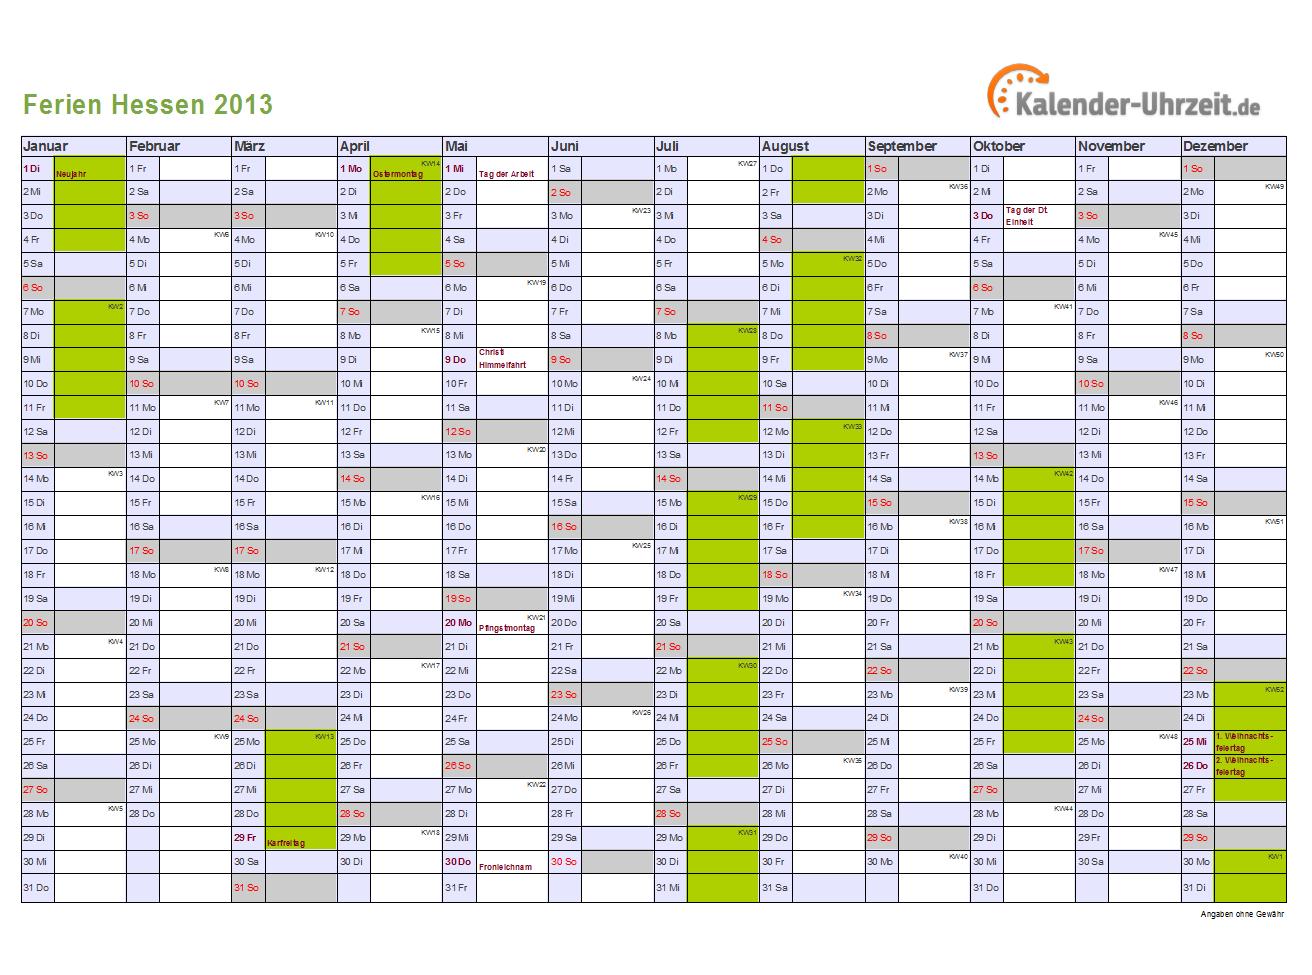 Ferienkalender 2013 Hessen mit Feiertagen zum Ausdrucken und